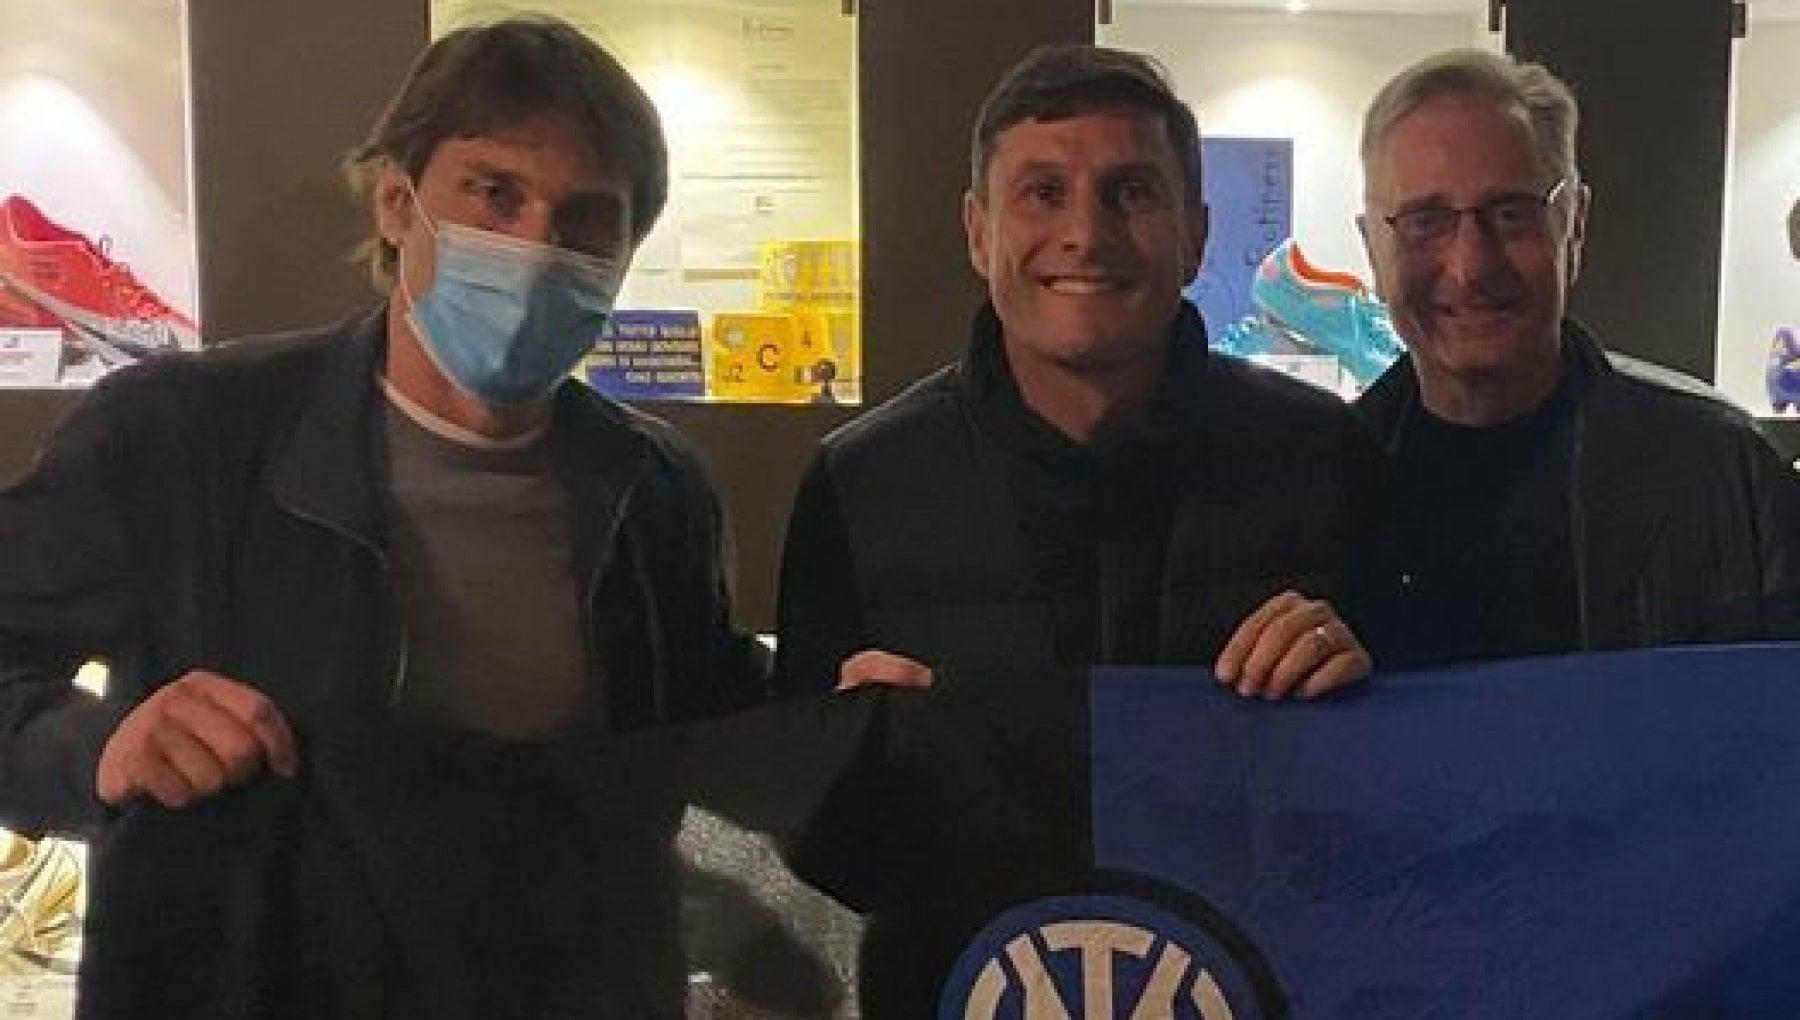 154047770 b38a73a4 e962 4b9a ae39 a04542fc1e97 - Antonio Conte, Paolo Bonolis e Javier Zanetti identificati all'uscita del Botinero a Milano: per 15 minuti hanno violato il coprifuoco